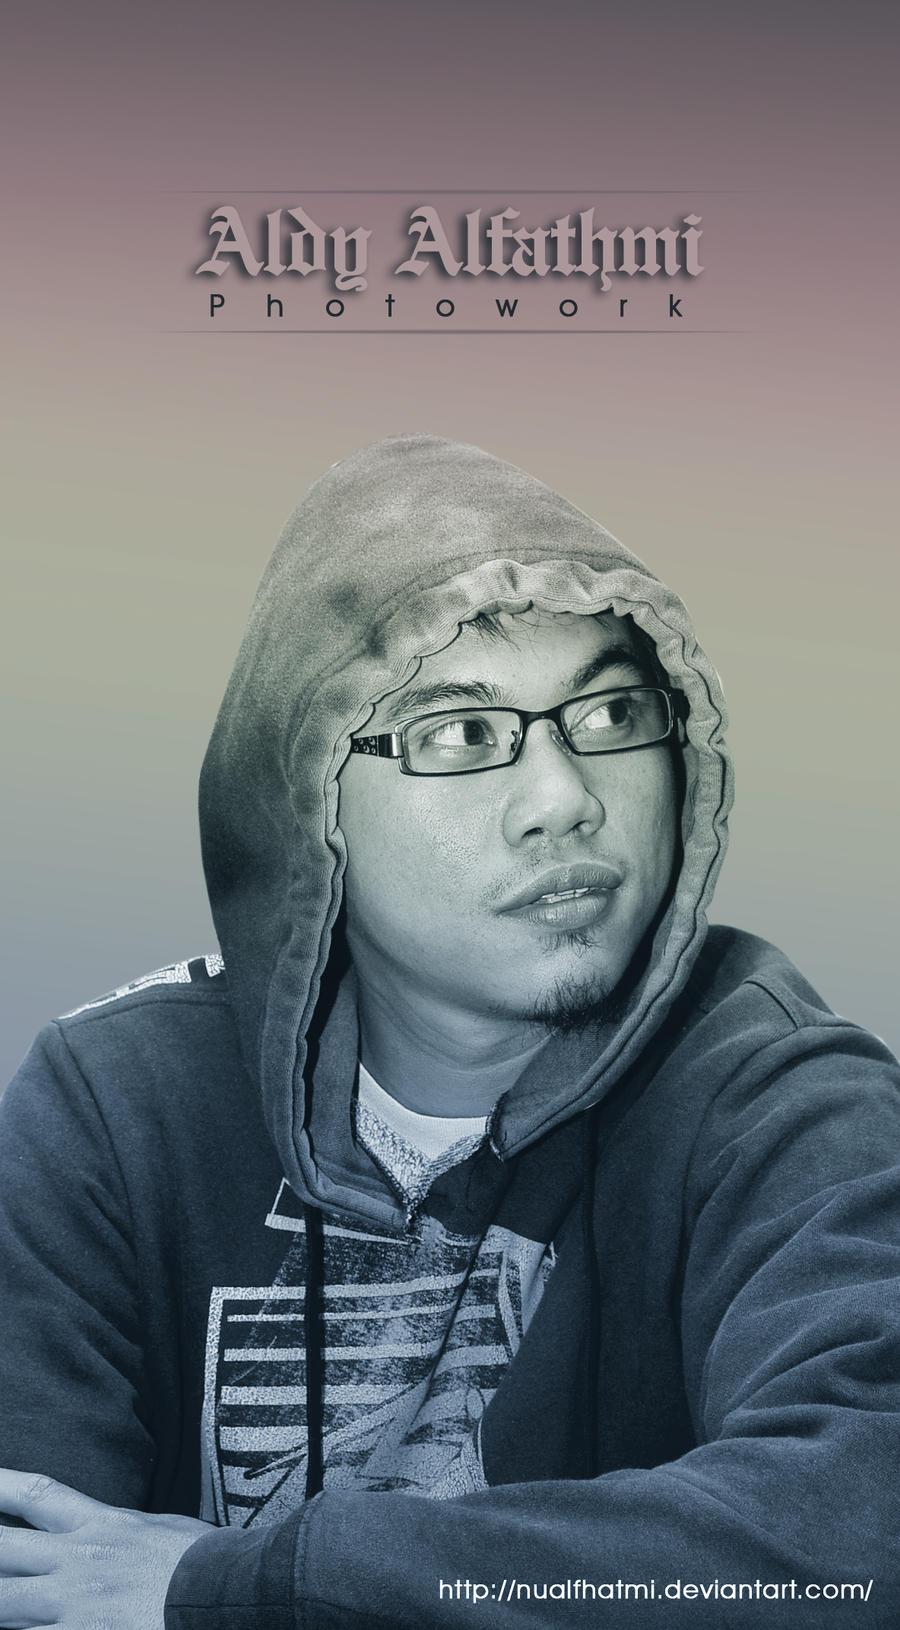 nuAlFhatmi's Profile Picture